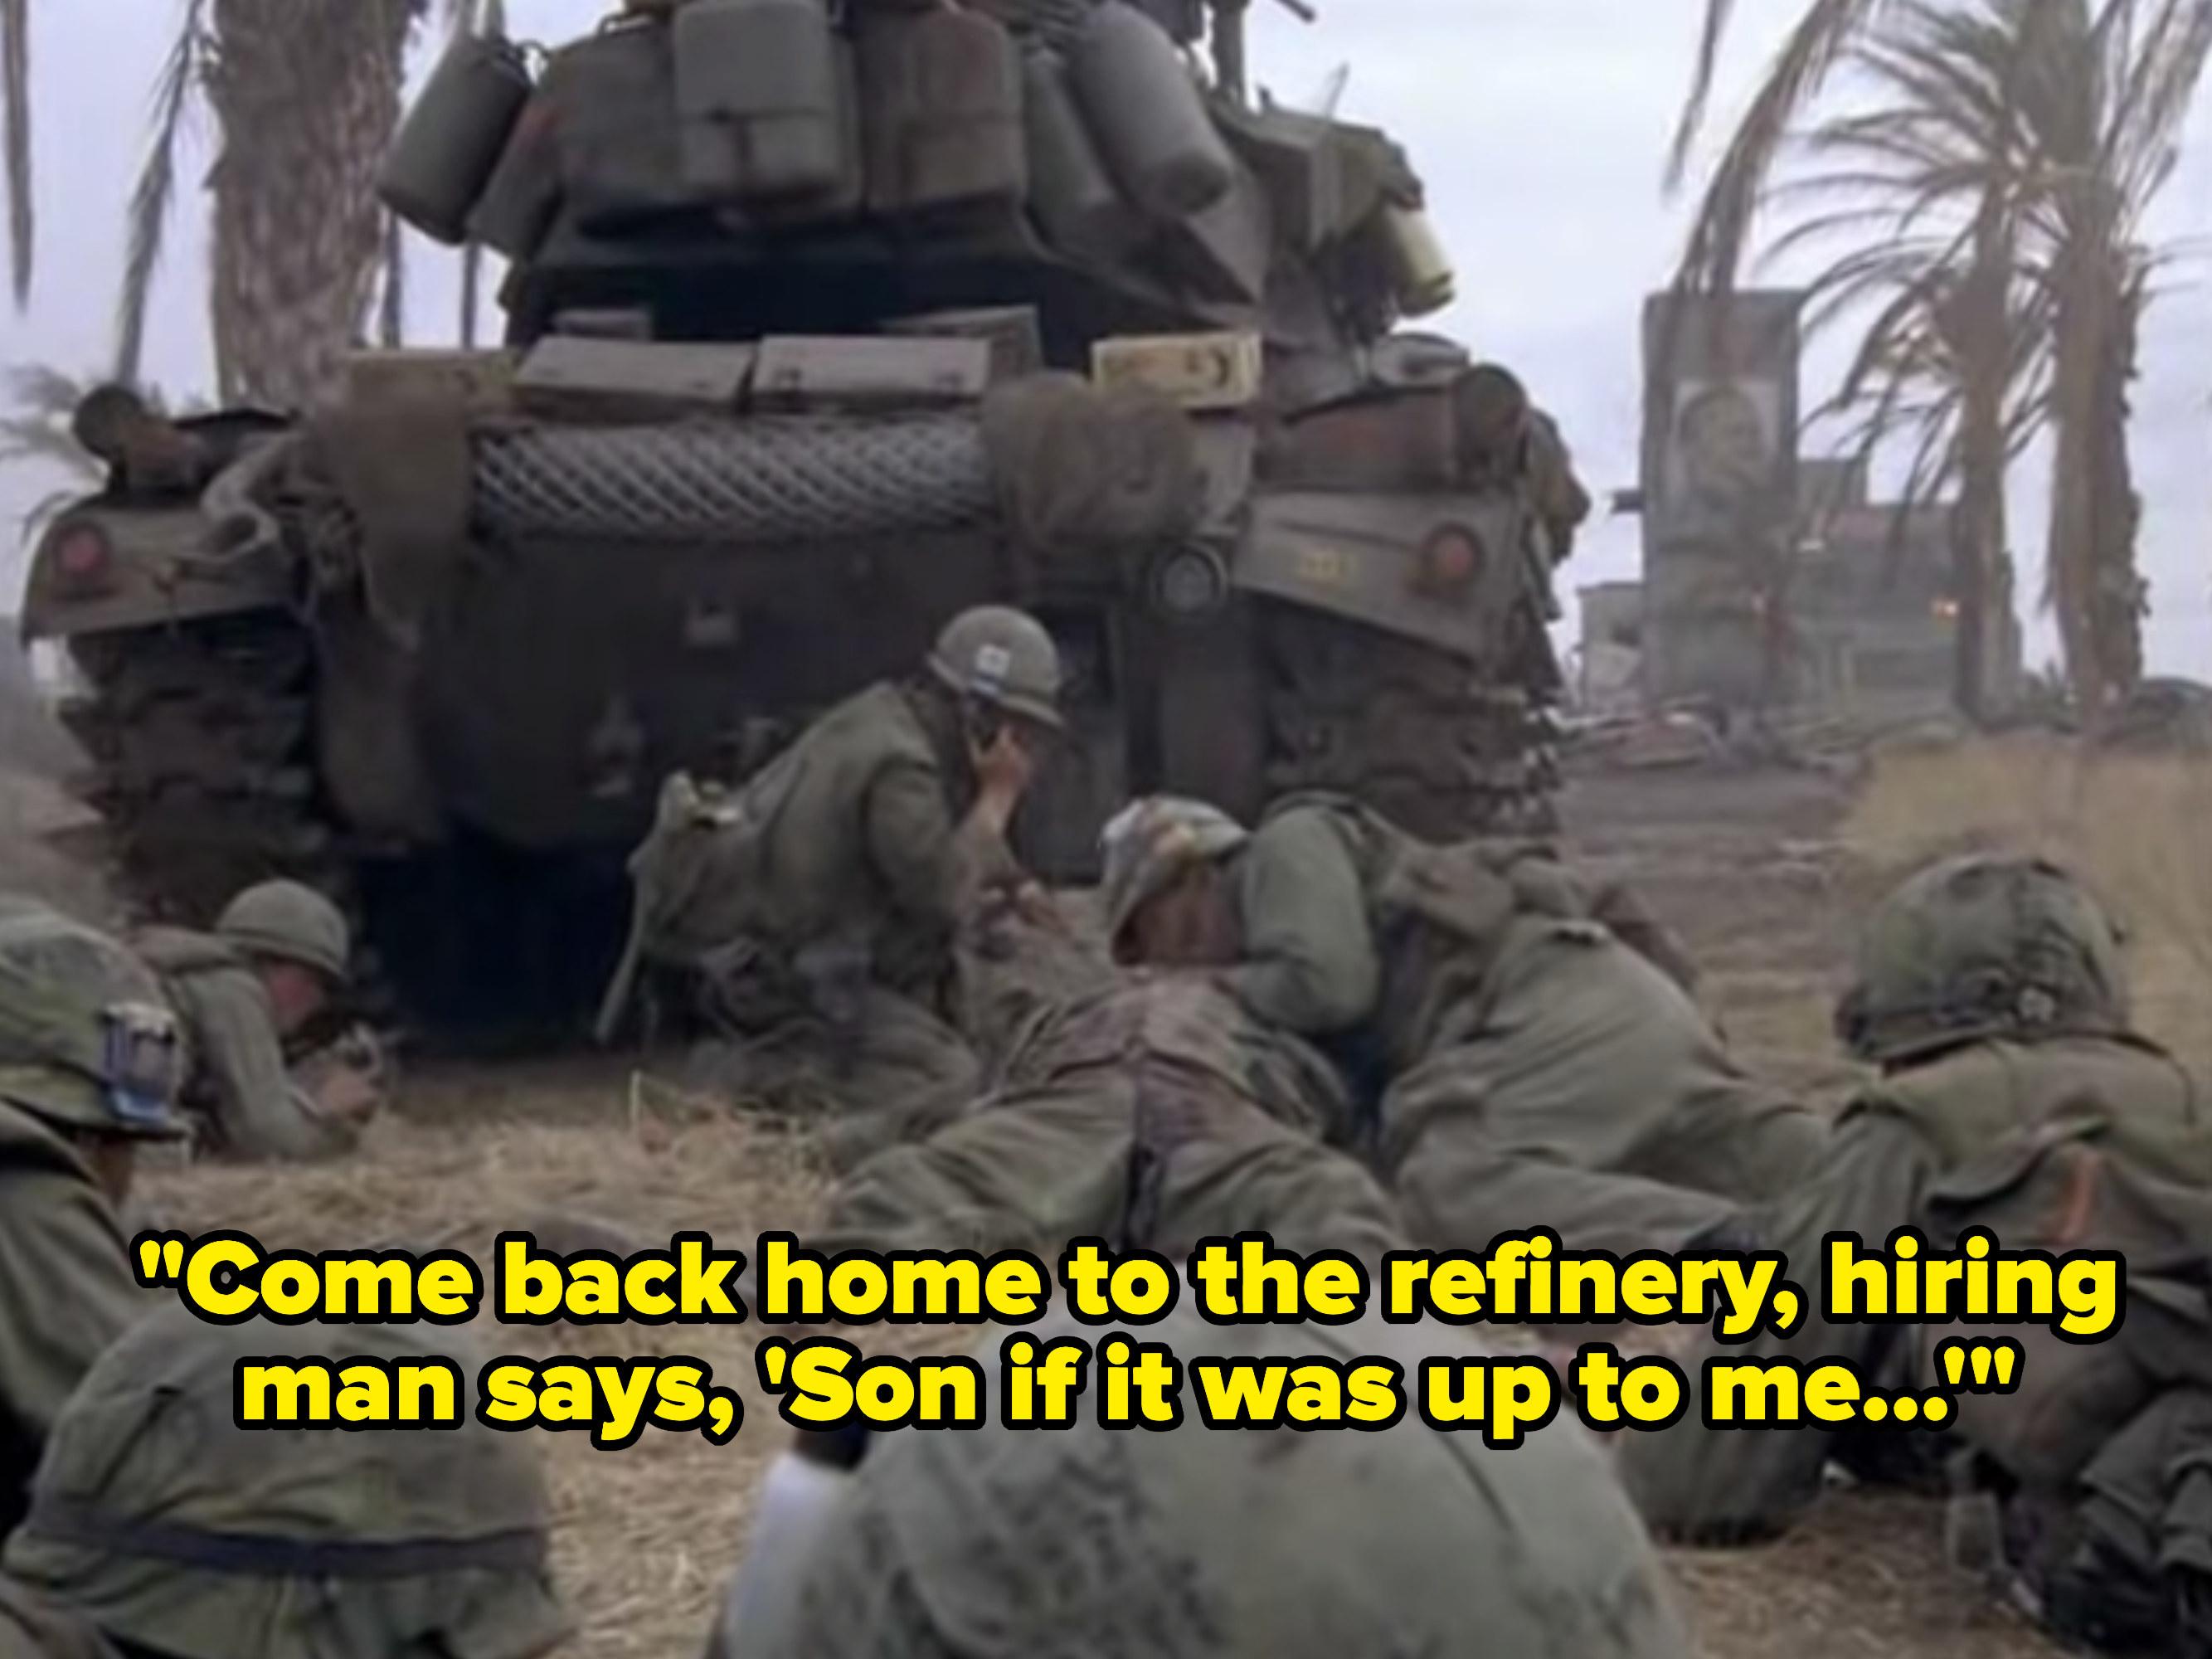 War footage from the Vietnam war.